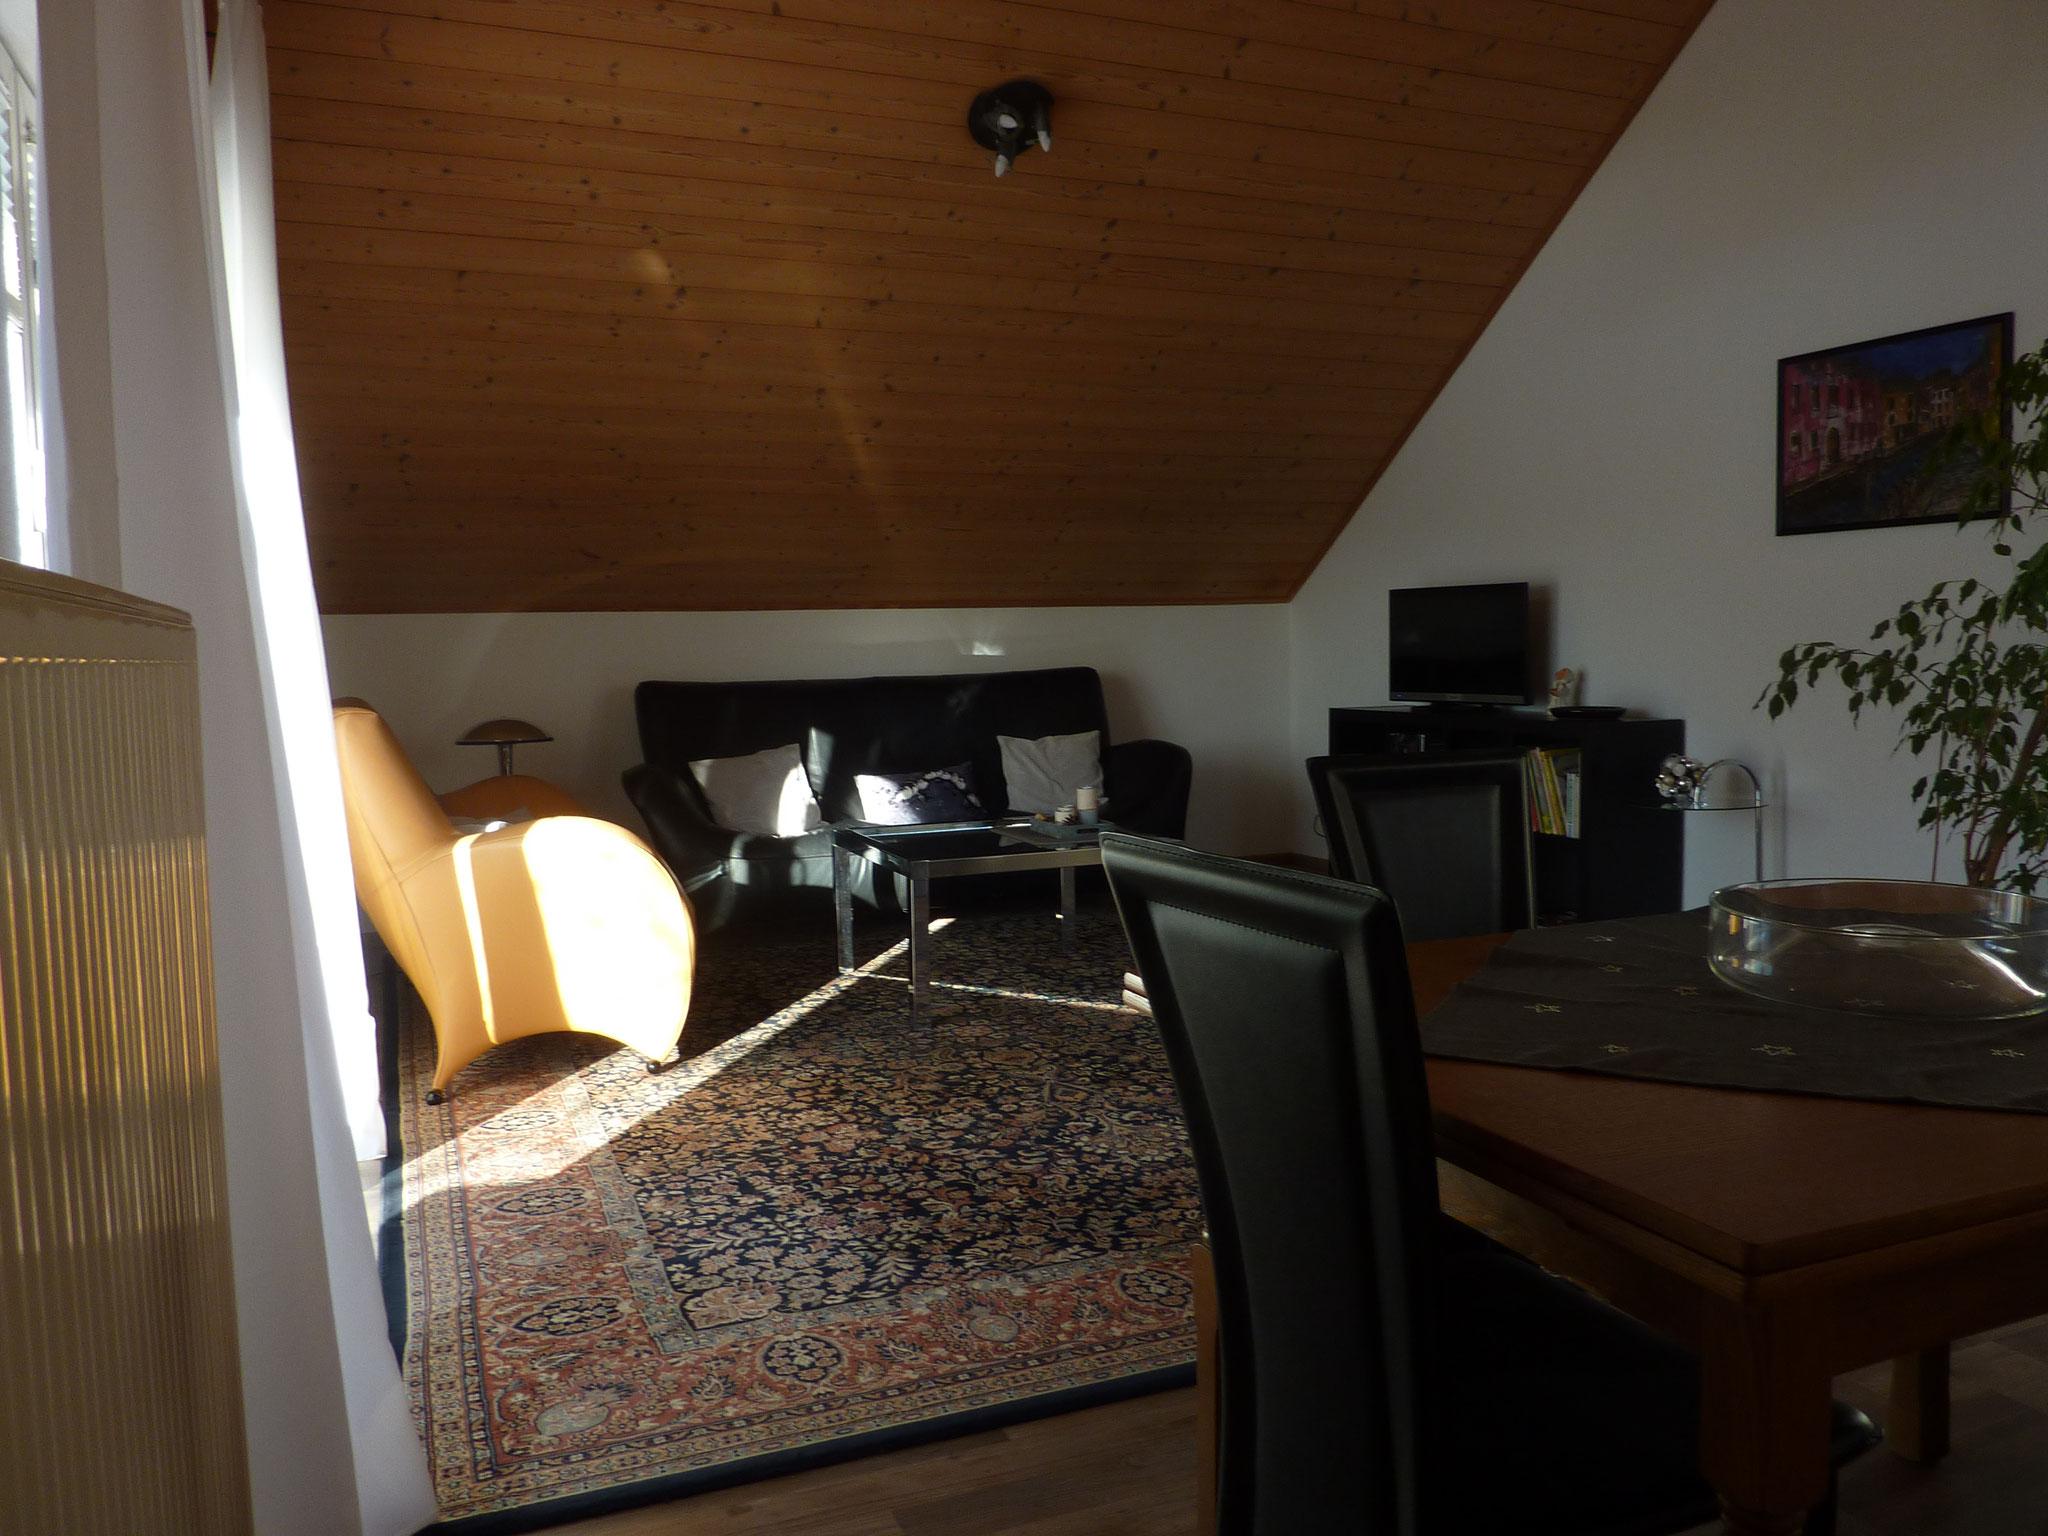 Gemütliches Wohnzimmer mit Fernseher, Wlan- und Internetanschluß